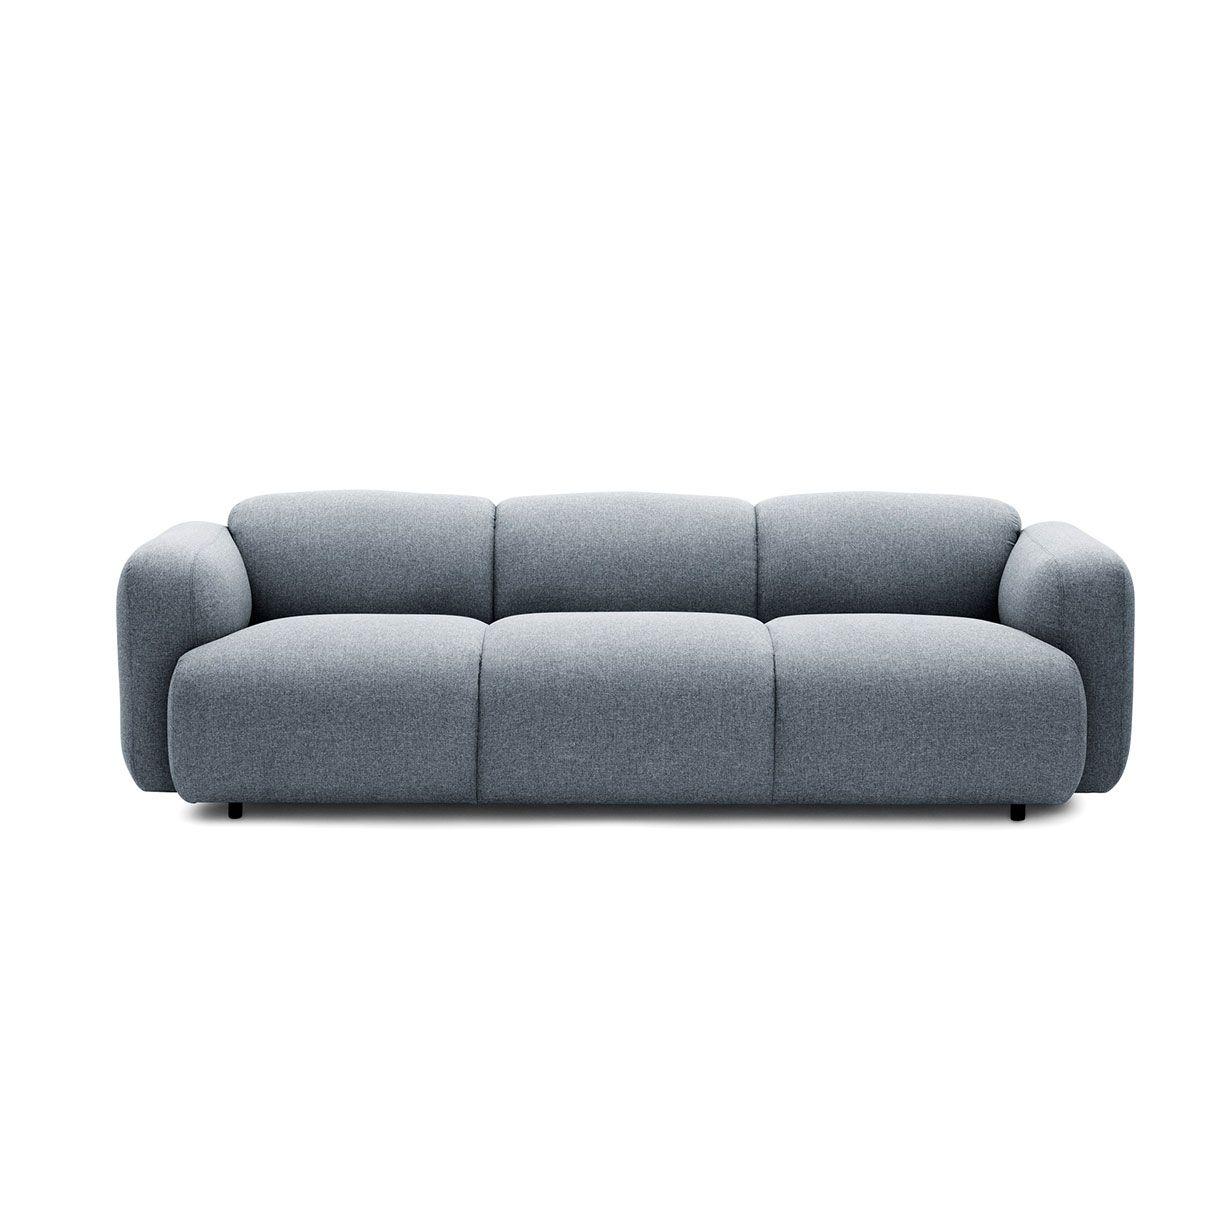 Divano swell 2 posti design divano divano e mobili colorati for Mobili colorati design